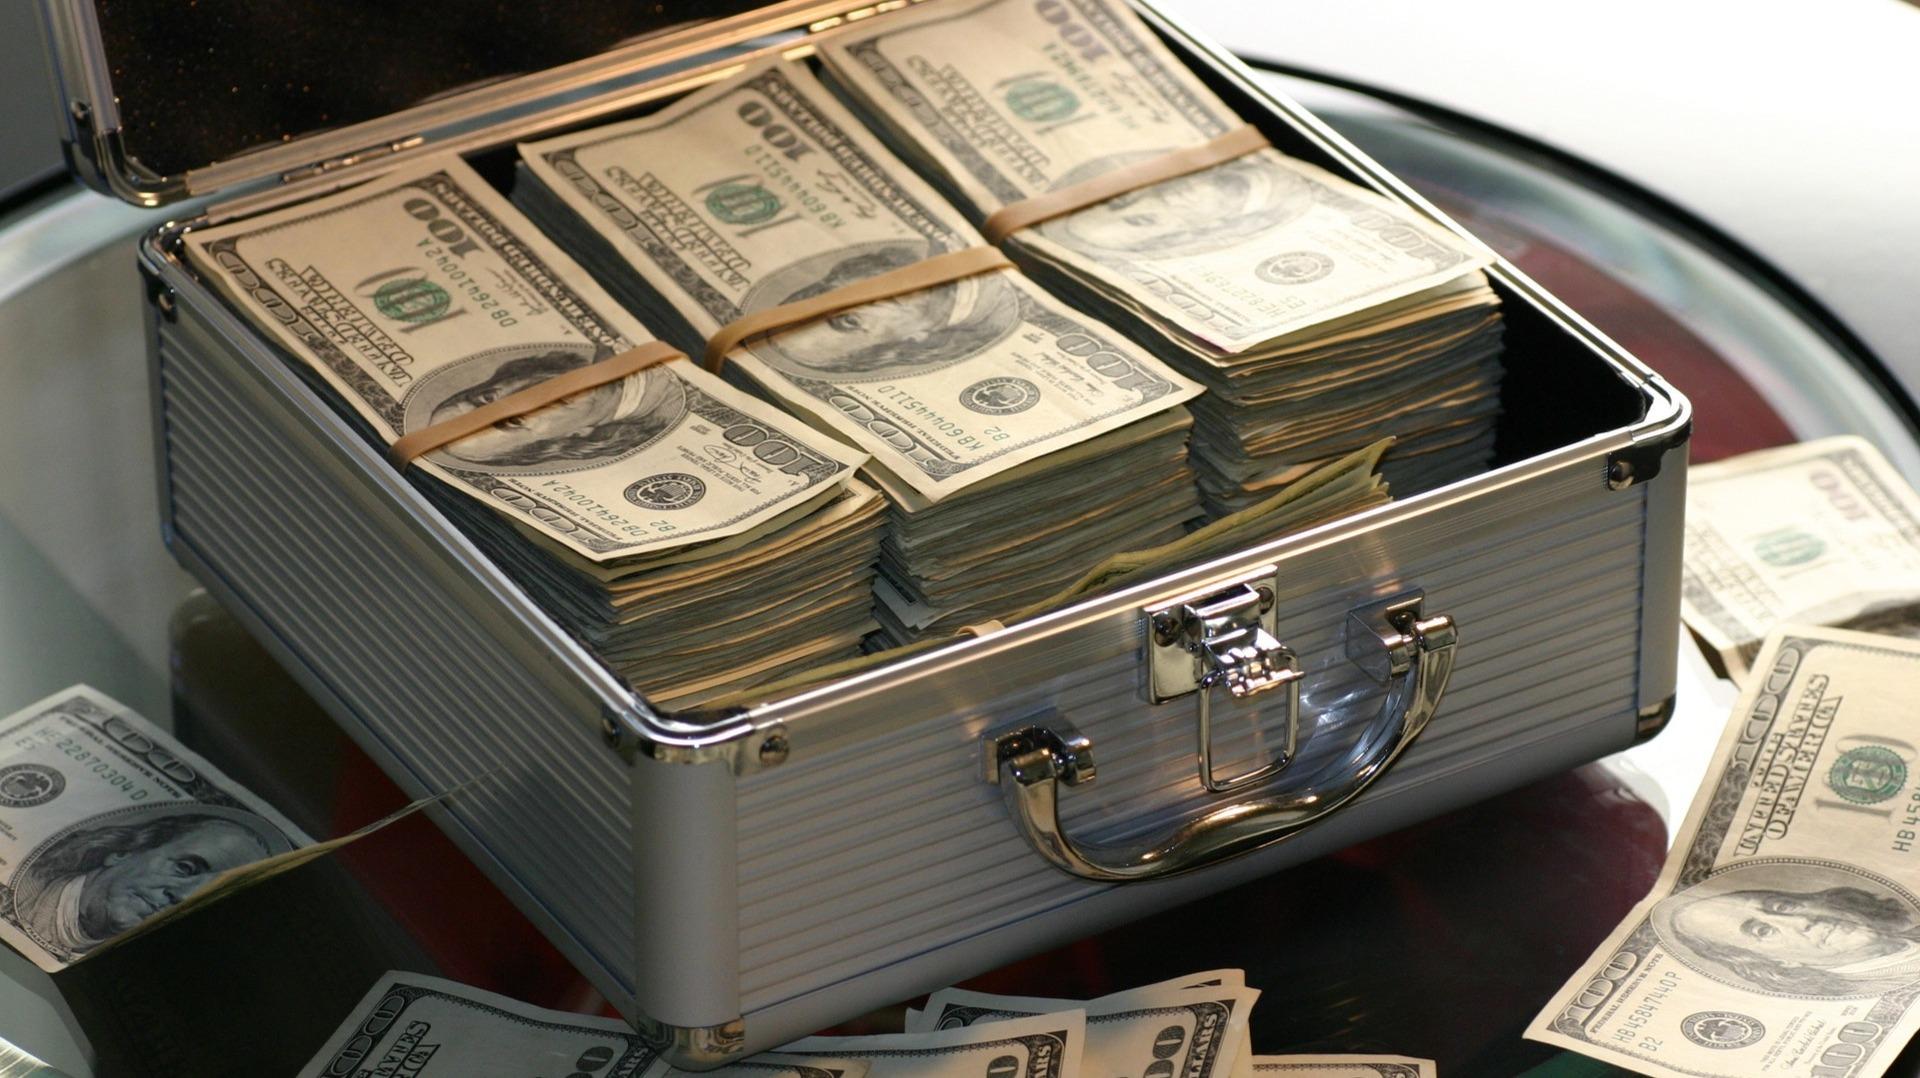 https://www.pexels.com/photo/abundance-bank-banking-banknotes-259027/